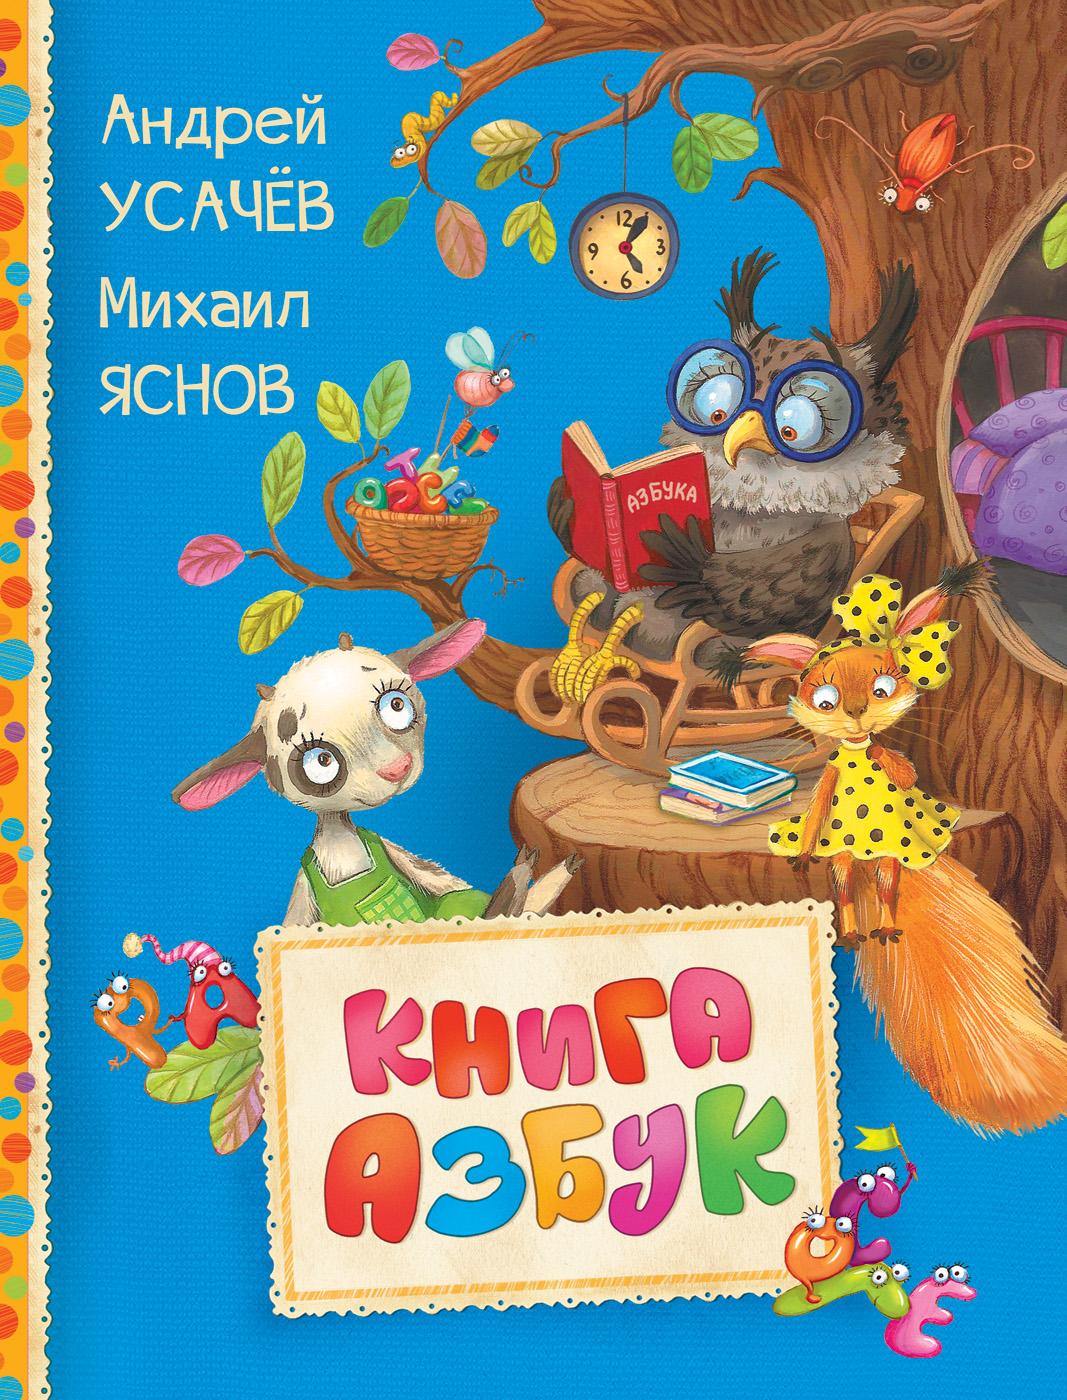 Андрей Усачев, Михаил Яснов Книга азбук